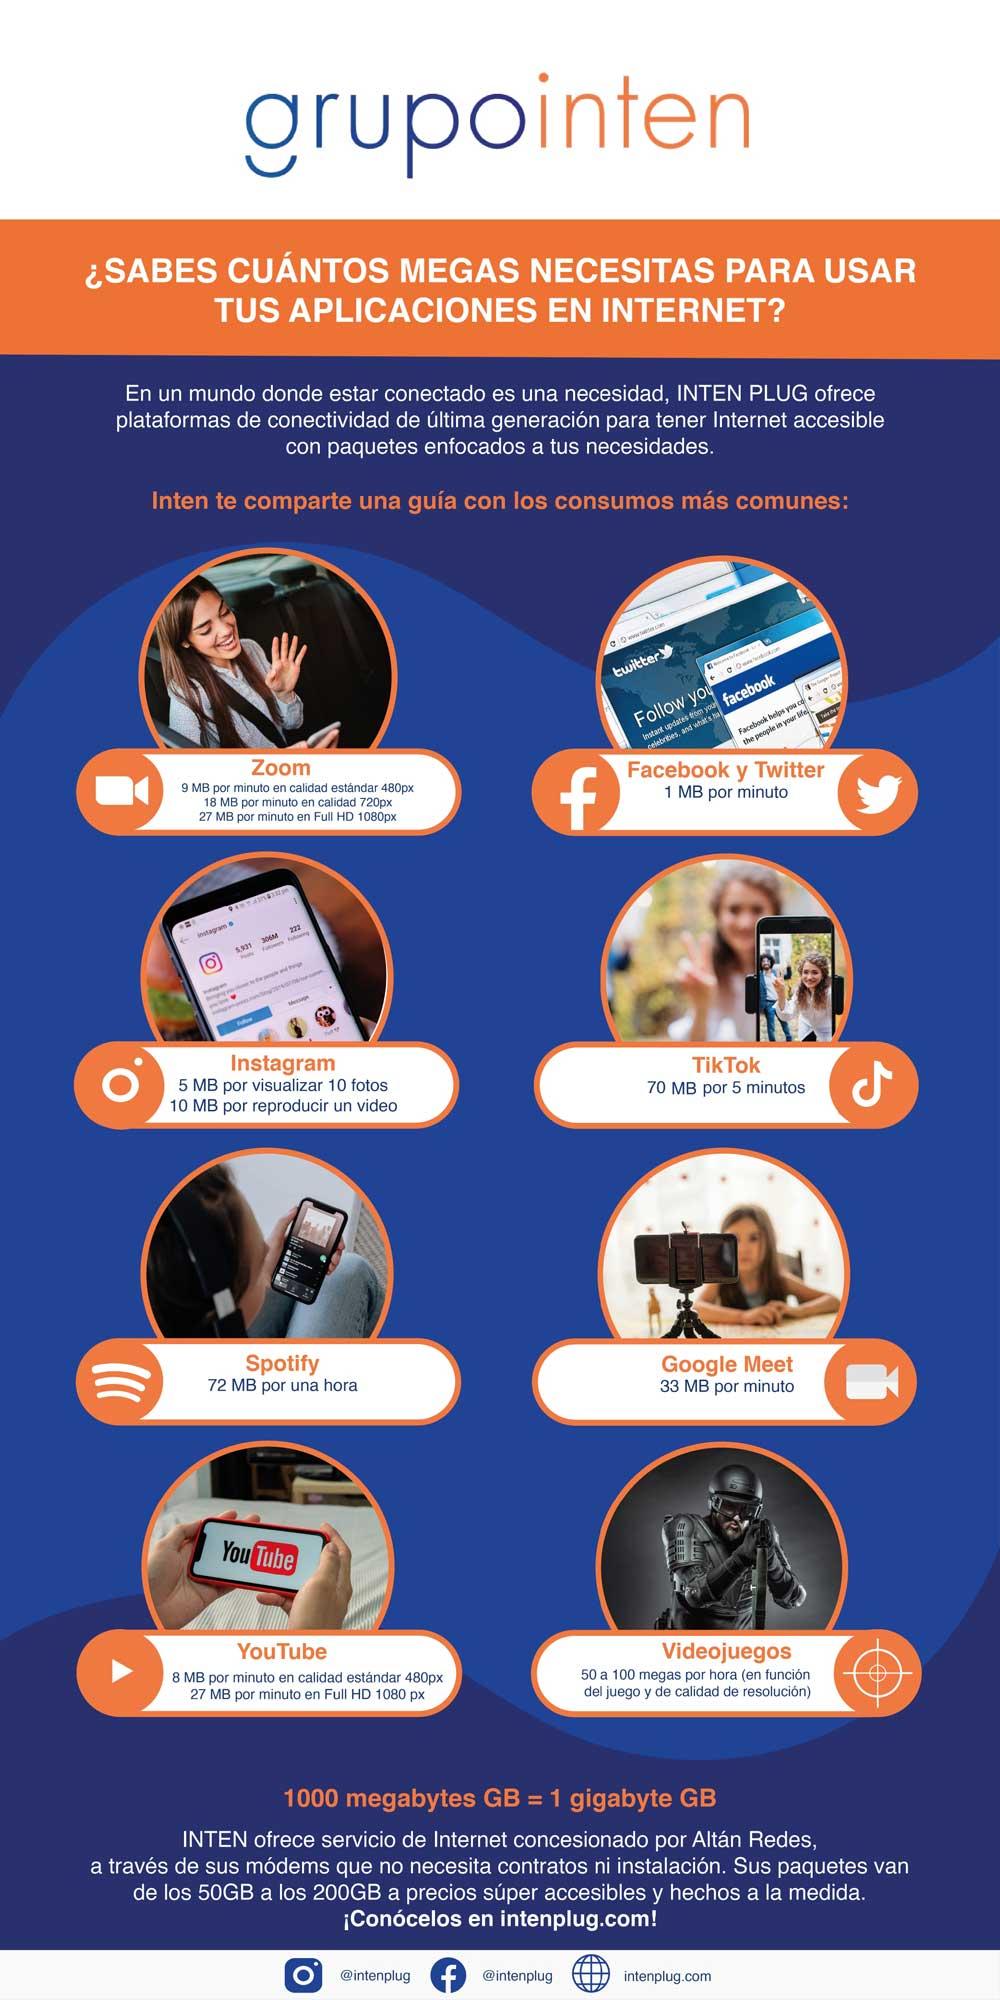 Infografía: ¿Cuántos megas consumen las aplicaciones populares?